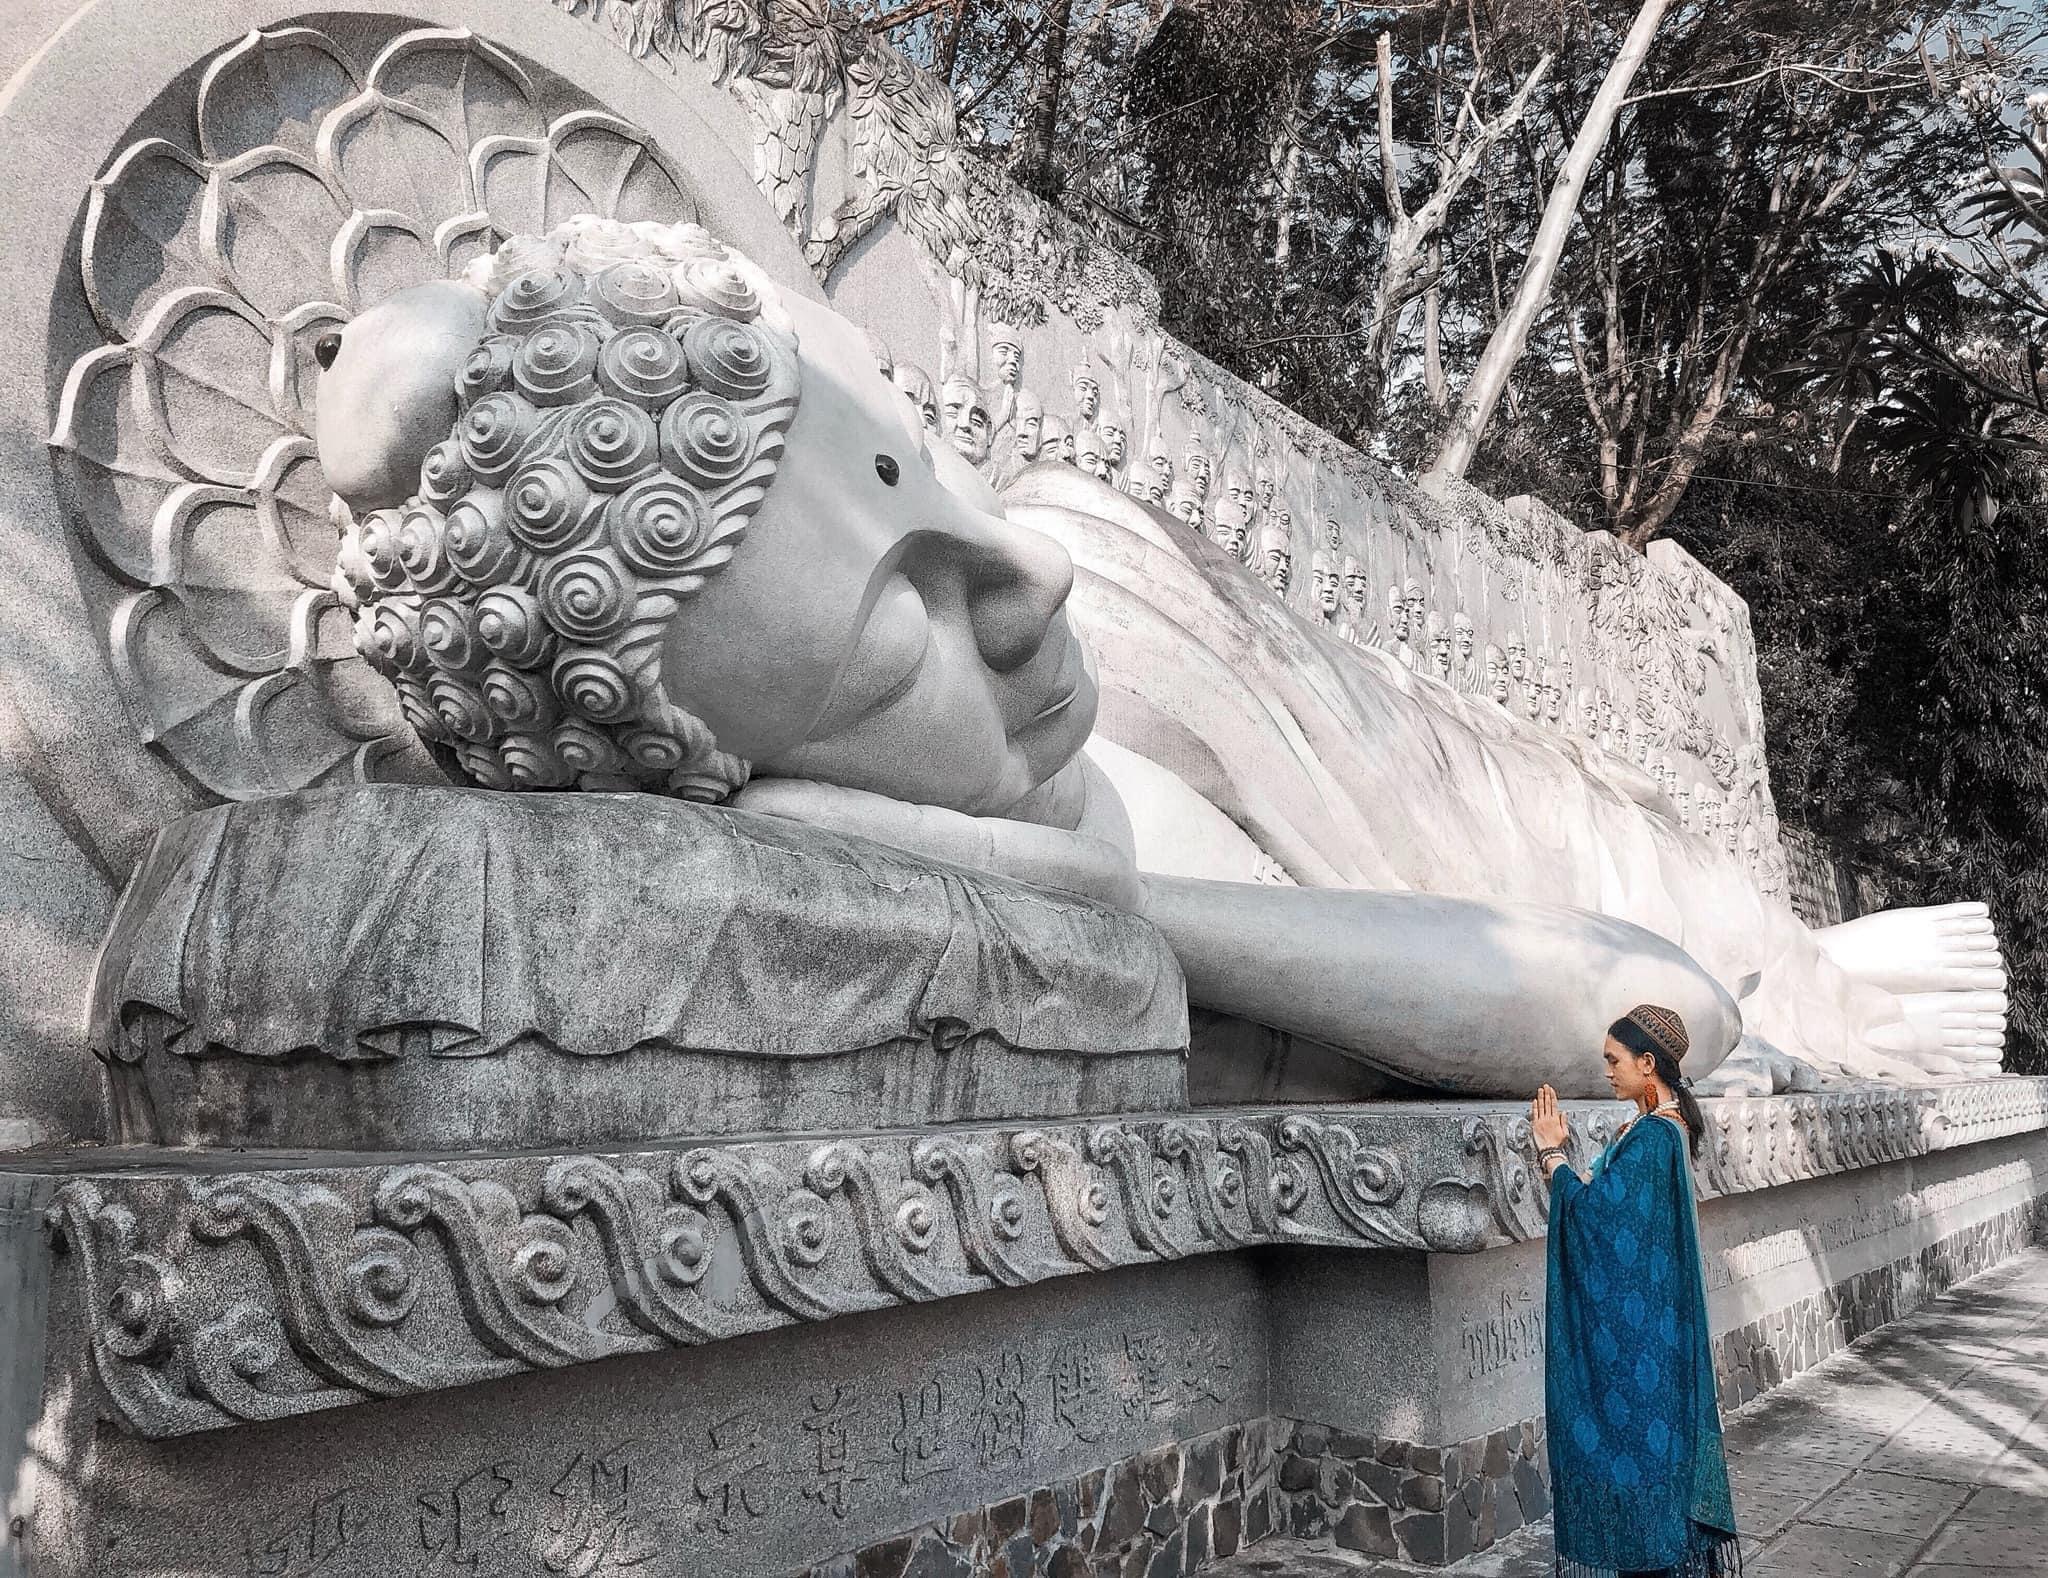 Tour du lịch Nha Trang khởi hành từ Hà Nội: Giảm giá sốc nhiều gói tour trong dịp hè này  - Ảnh 12.